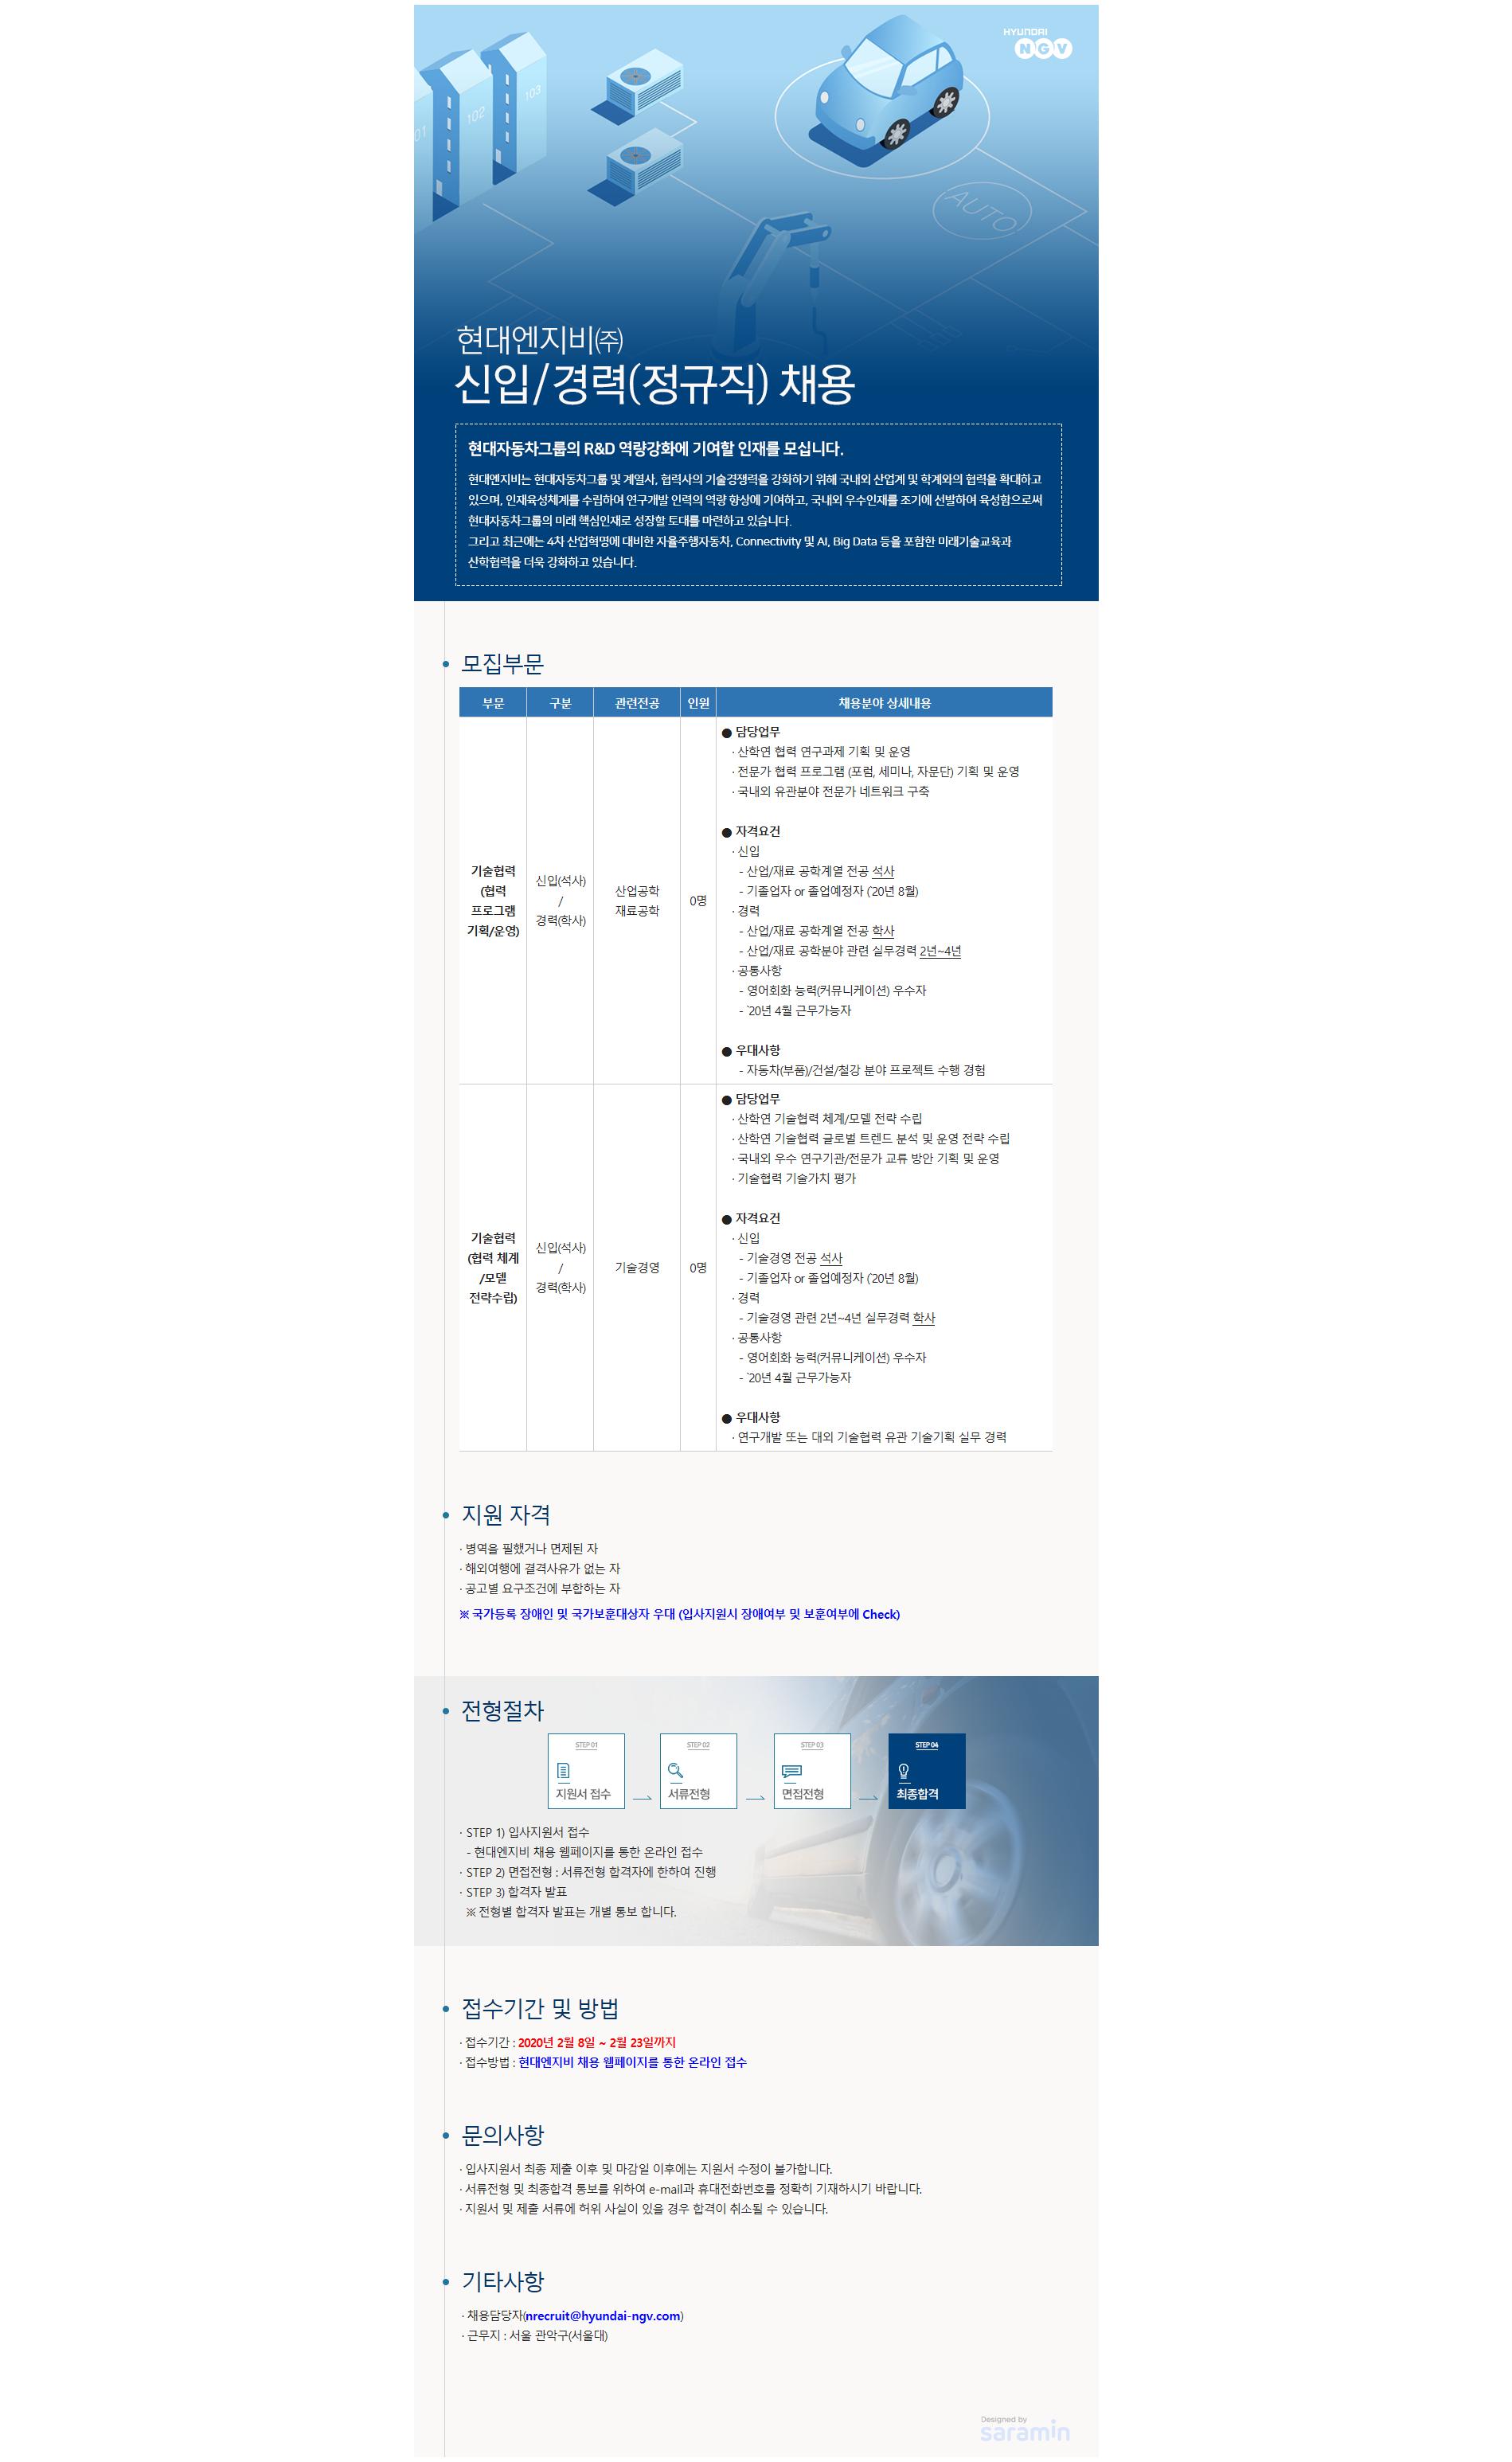 현대엔지비 채용공고_200218.png